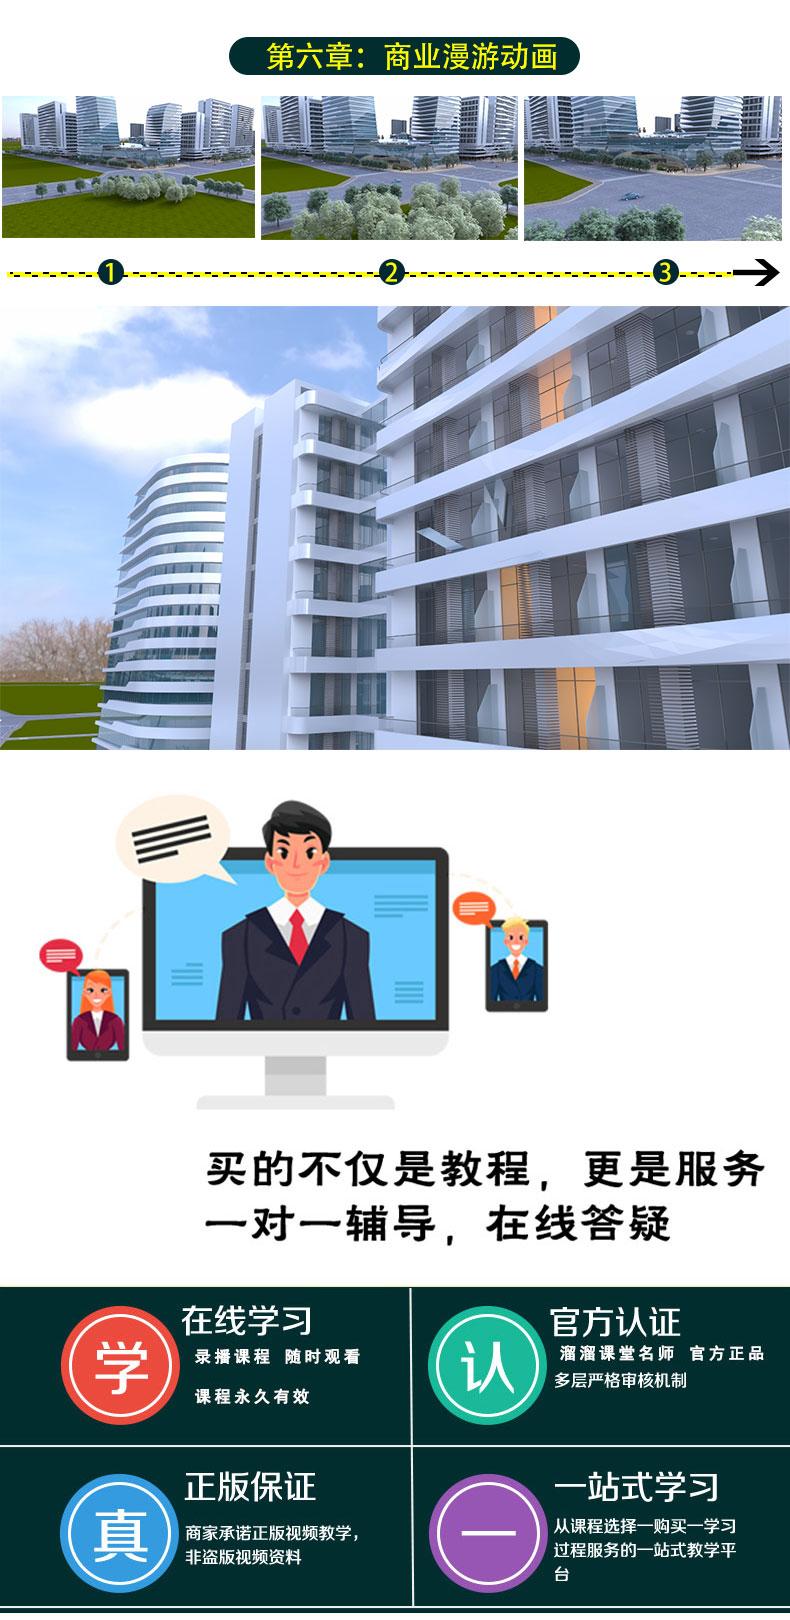 室外建筑动画美工1111_08.jpg